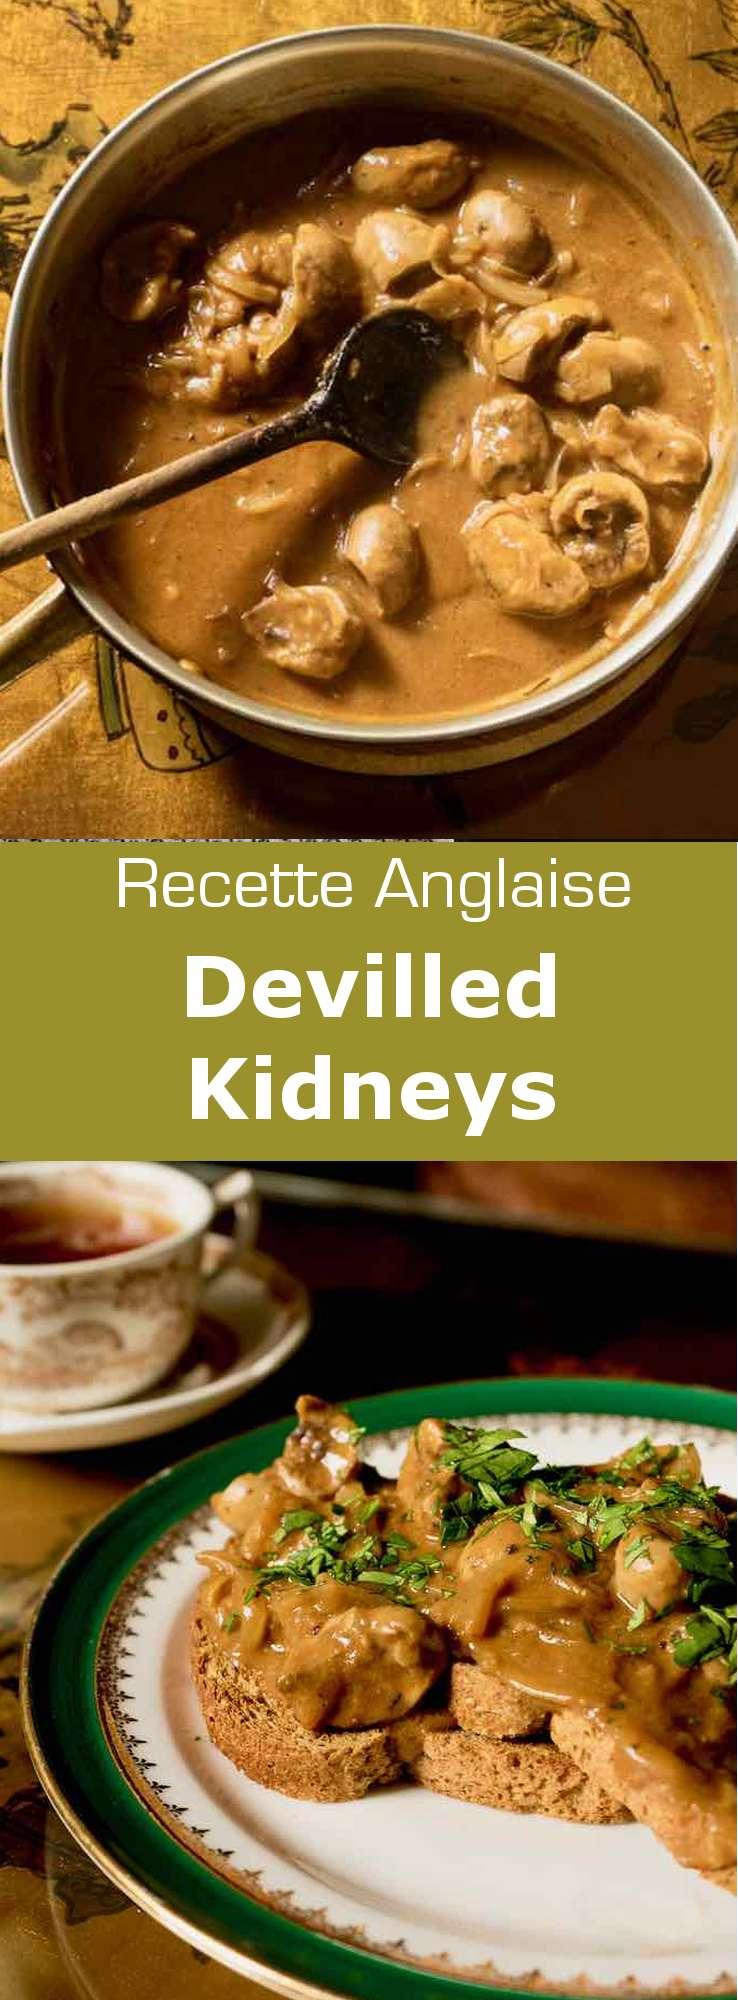 Les devilled kidneys sont un plat traditionnel du petit déjeuner britannique composé de rognons d'agneau cuits dans une sauce épicée. #RoyaumeUni #Angleterre #RecetteAnglaise #RecetteBritannique #CuisineAnglaise #CuisineBritannique #CuisineDuMonde #196flavors